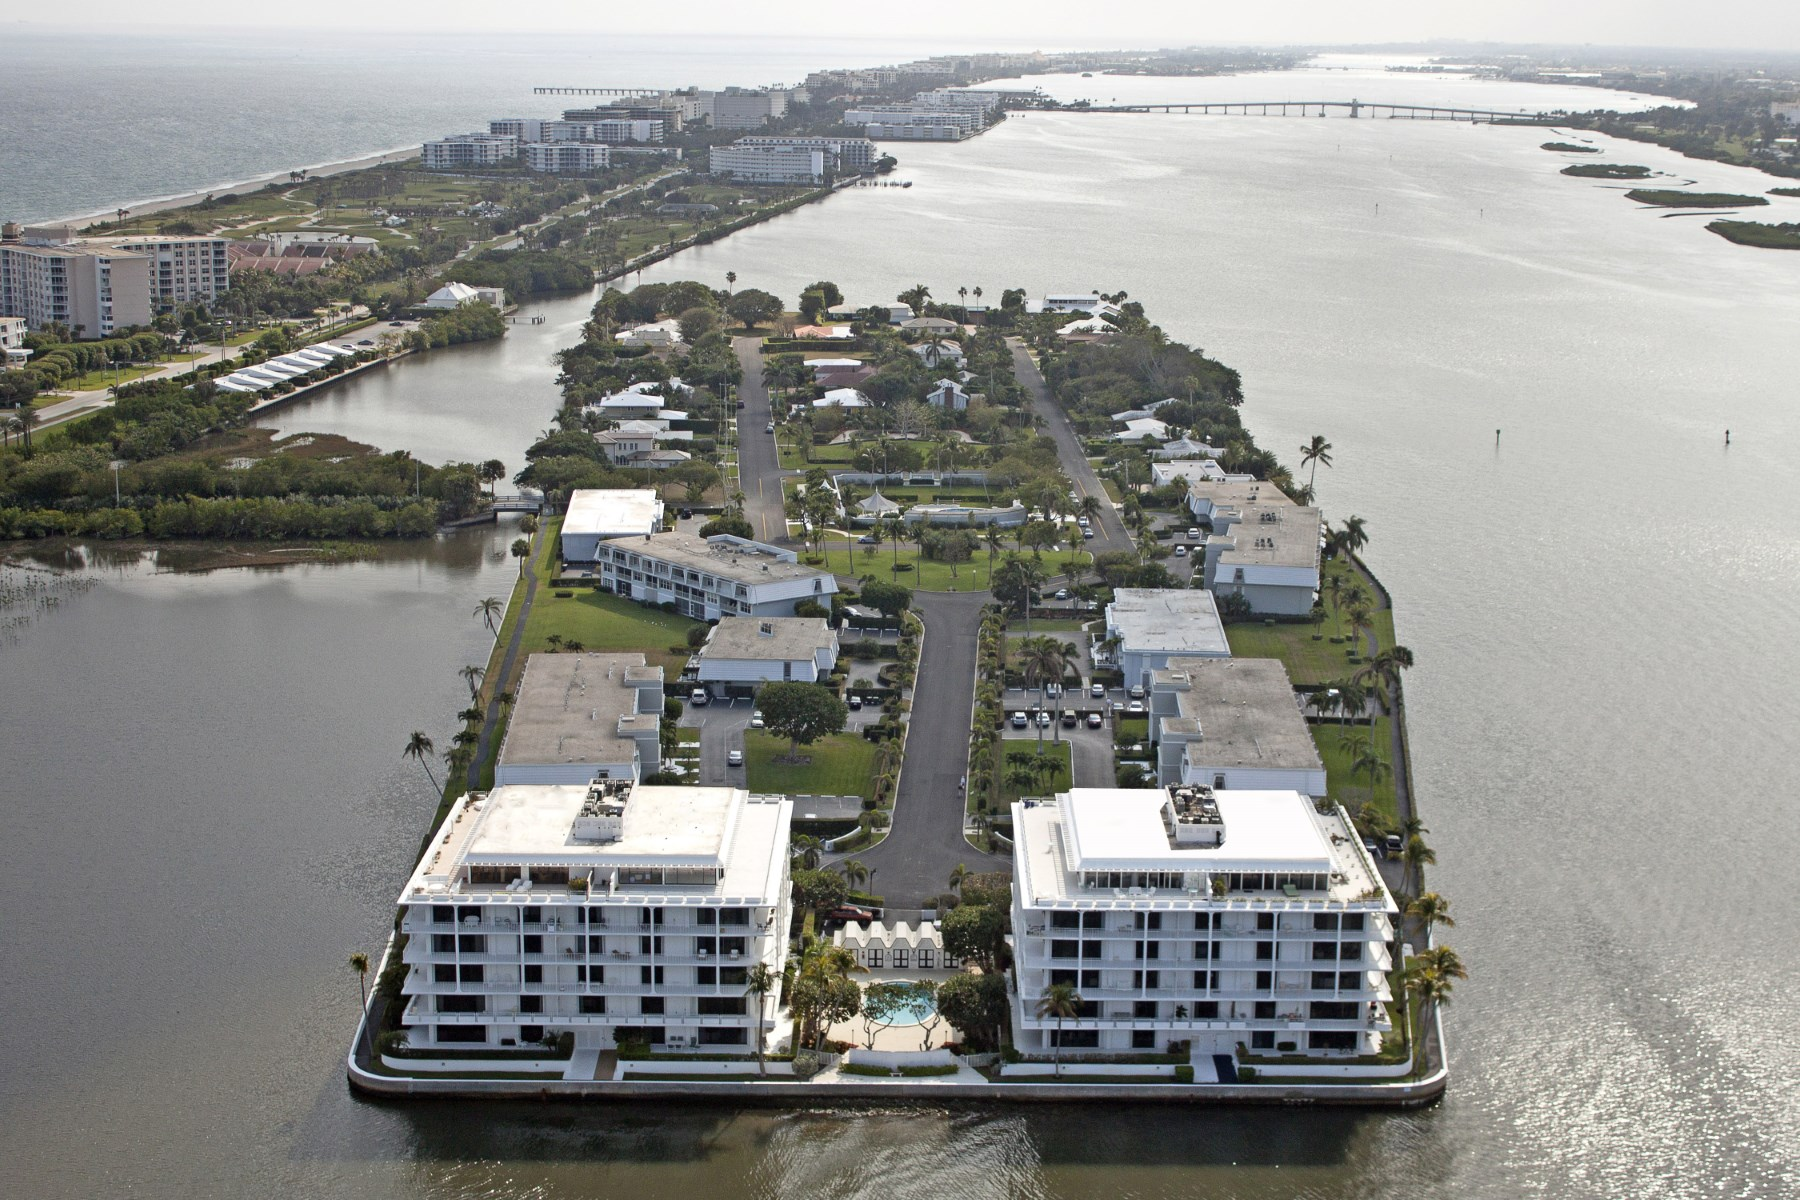 Condomínio para Venda às Palm Beach Chic - Ibis Isle 2155 Ibis Isle Rd Apt 5 Palm Beach, Florida 33480 Estados Unidos